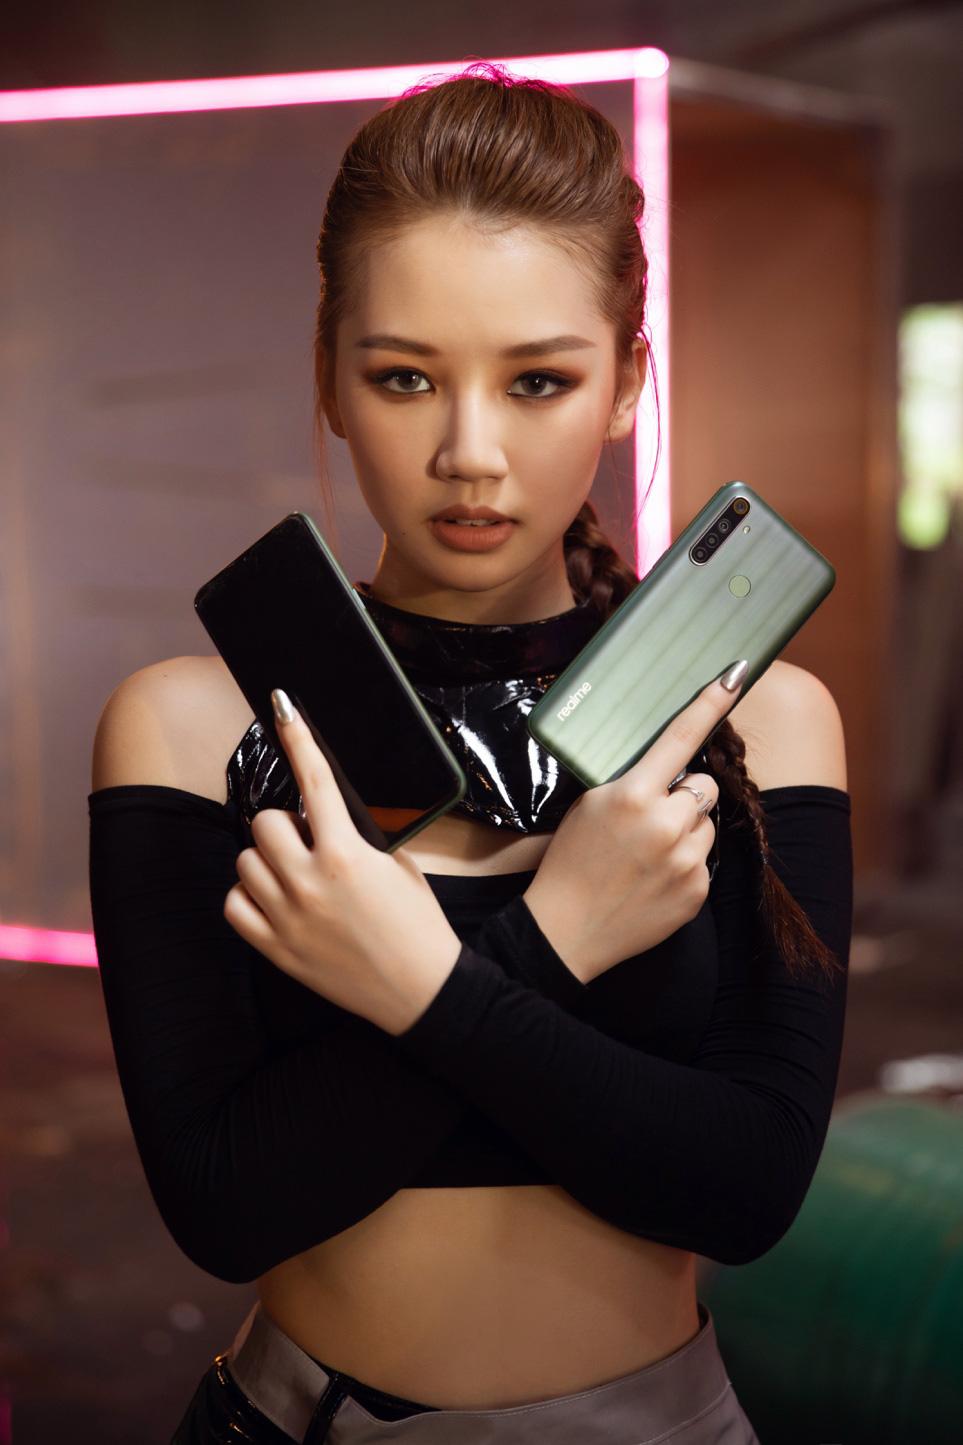 Amee hóa thân thành nhiều nhân vật game trong MV mới - Ảnh 2.